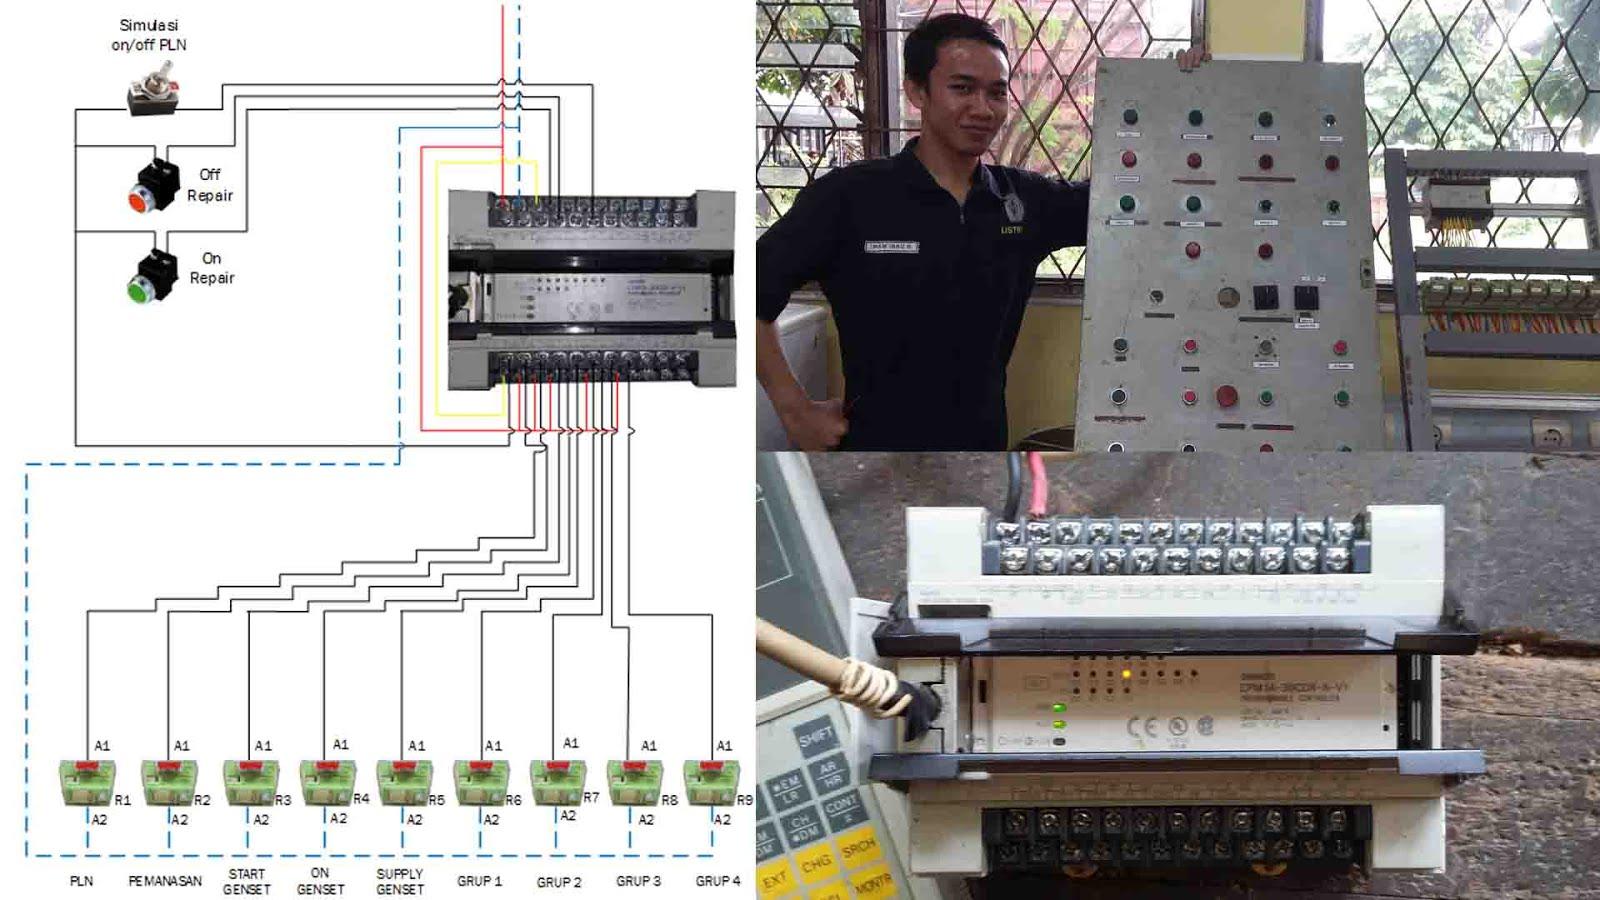 Laporan Automatic Transfer Switch (ATS) Menggunakan PLC